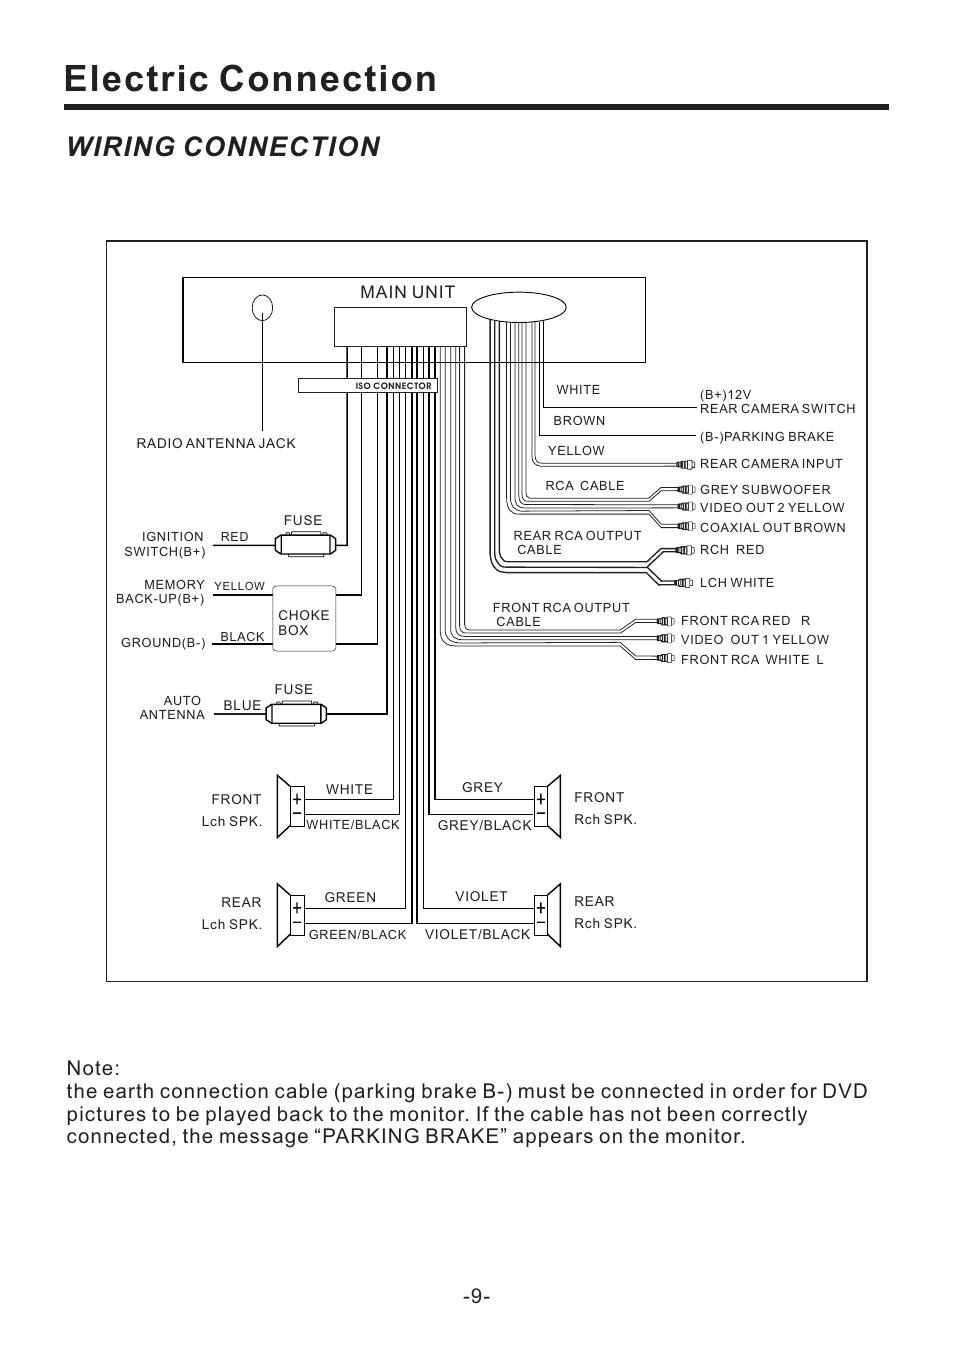 wiring diagram for pyle pld71mu wiring diagrams home  wiring diagram for pyle pld71mu #1